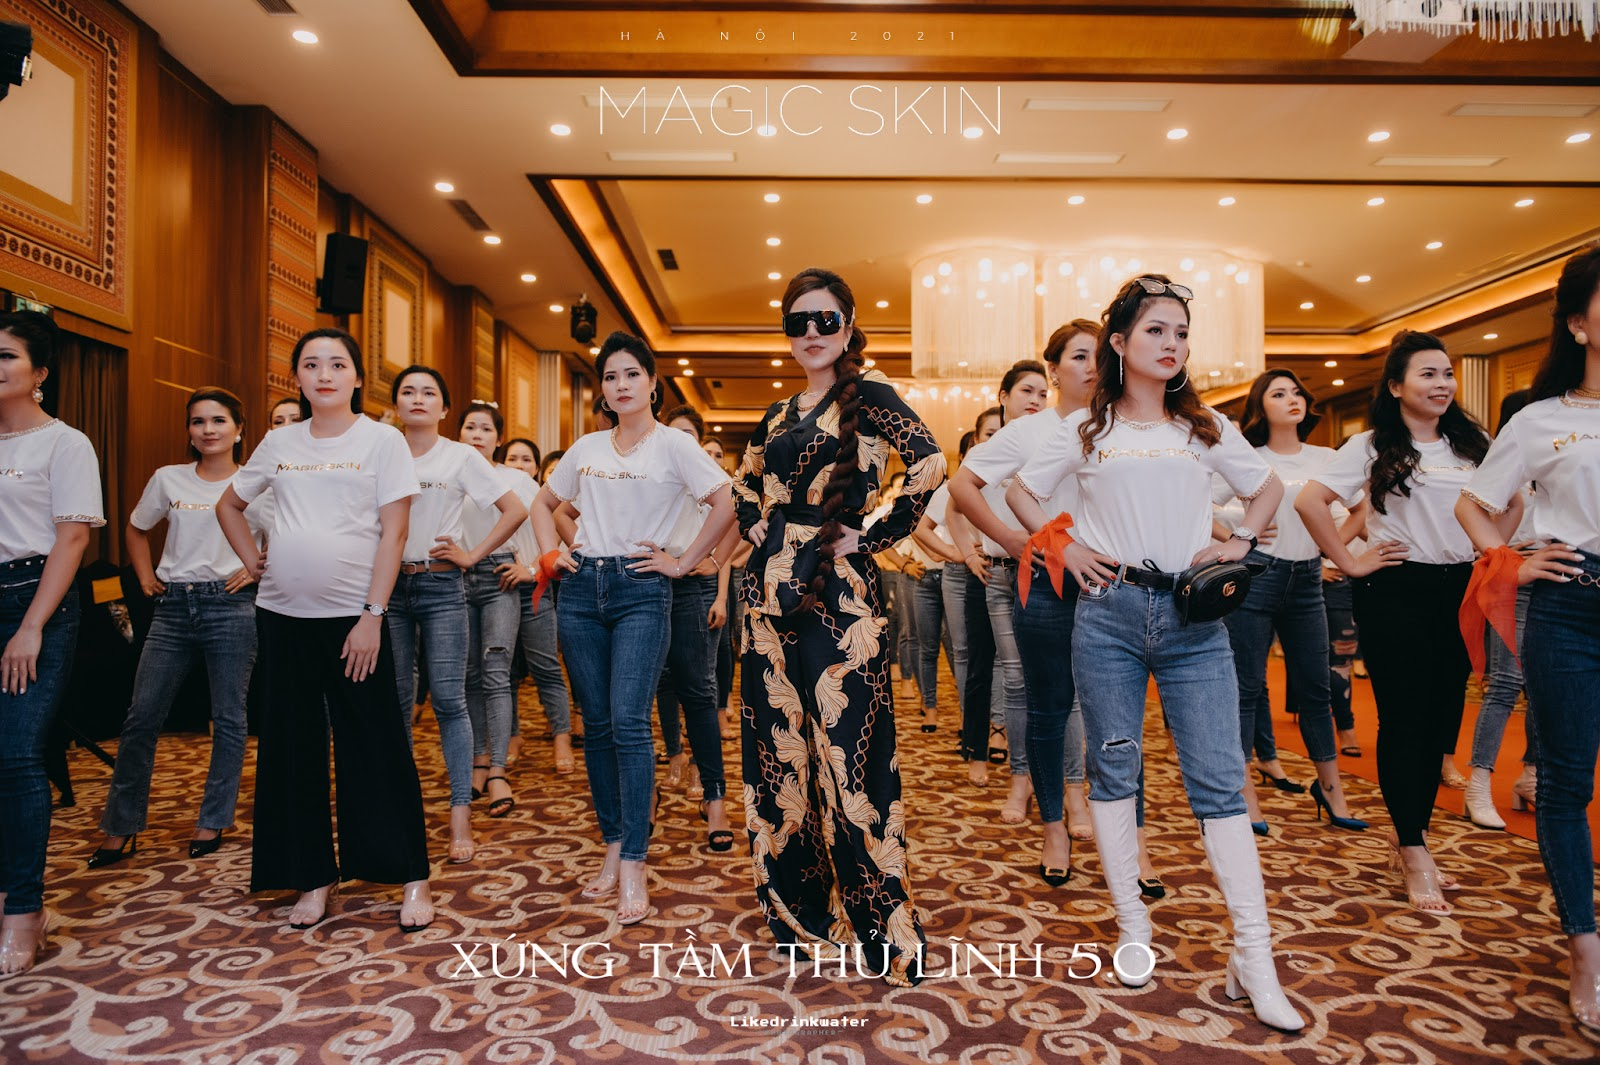 Trở thành thủ lĩnh xứng tầm cùng nữ diễn giả trẻ tuổi Đào Minh Châu trong khóa đào tạo đẳng cấp Xứng tầm thủ lĩnh 5.0 - Ảnh 5